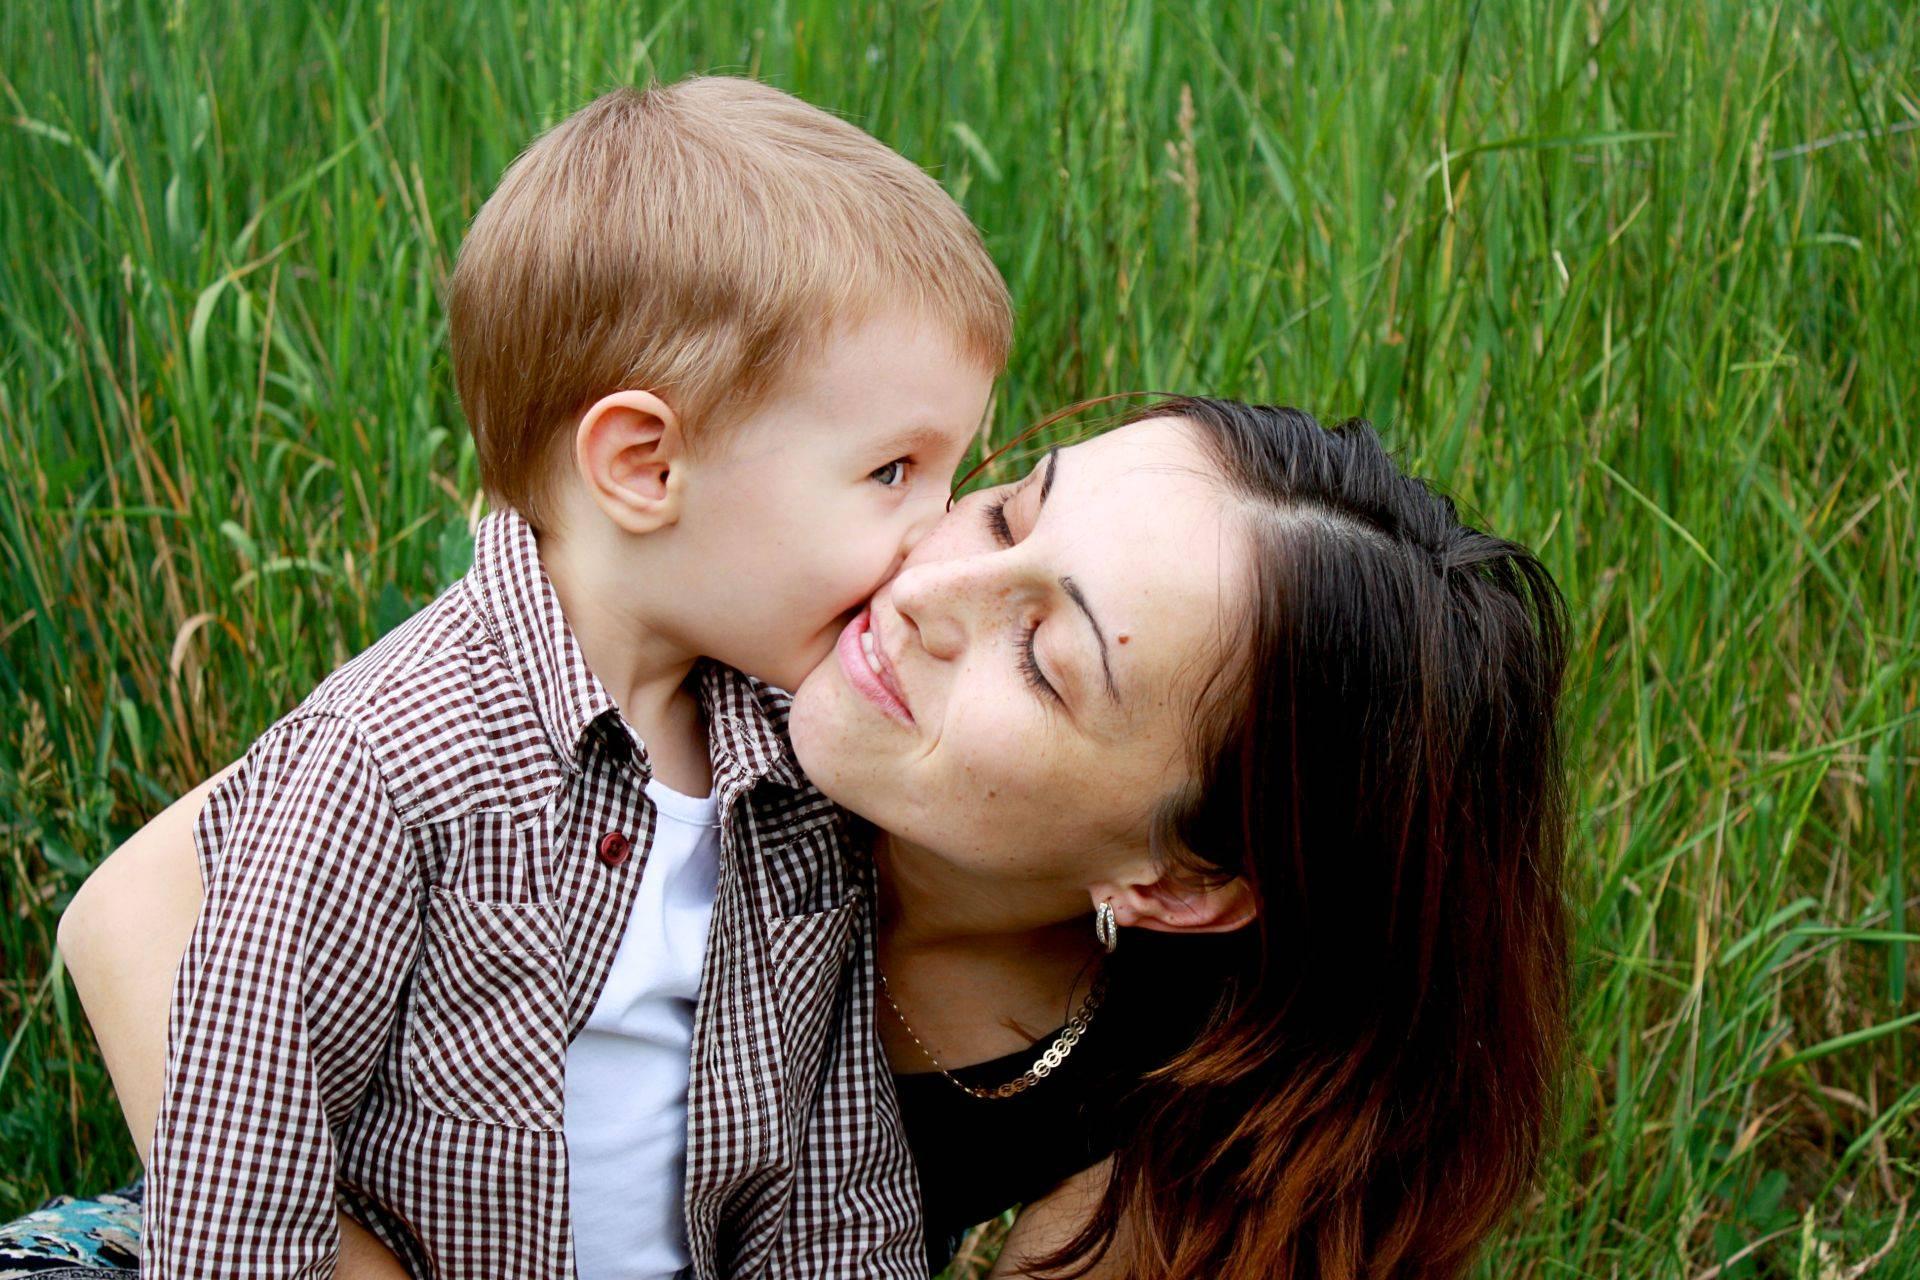 Dzień Matki pomysł na niebanalny prezent dla mamy